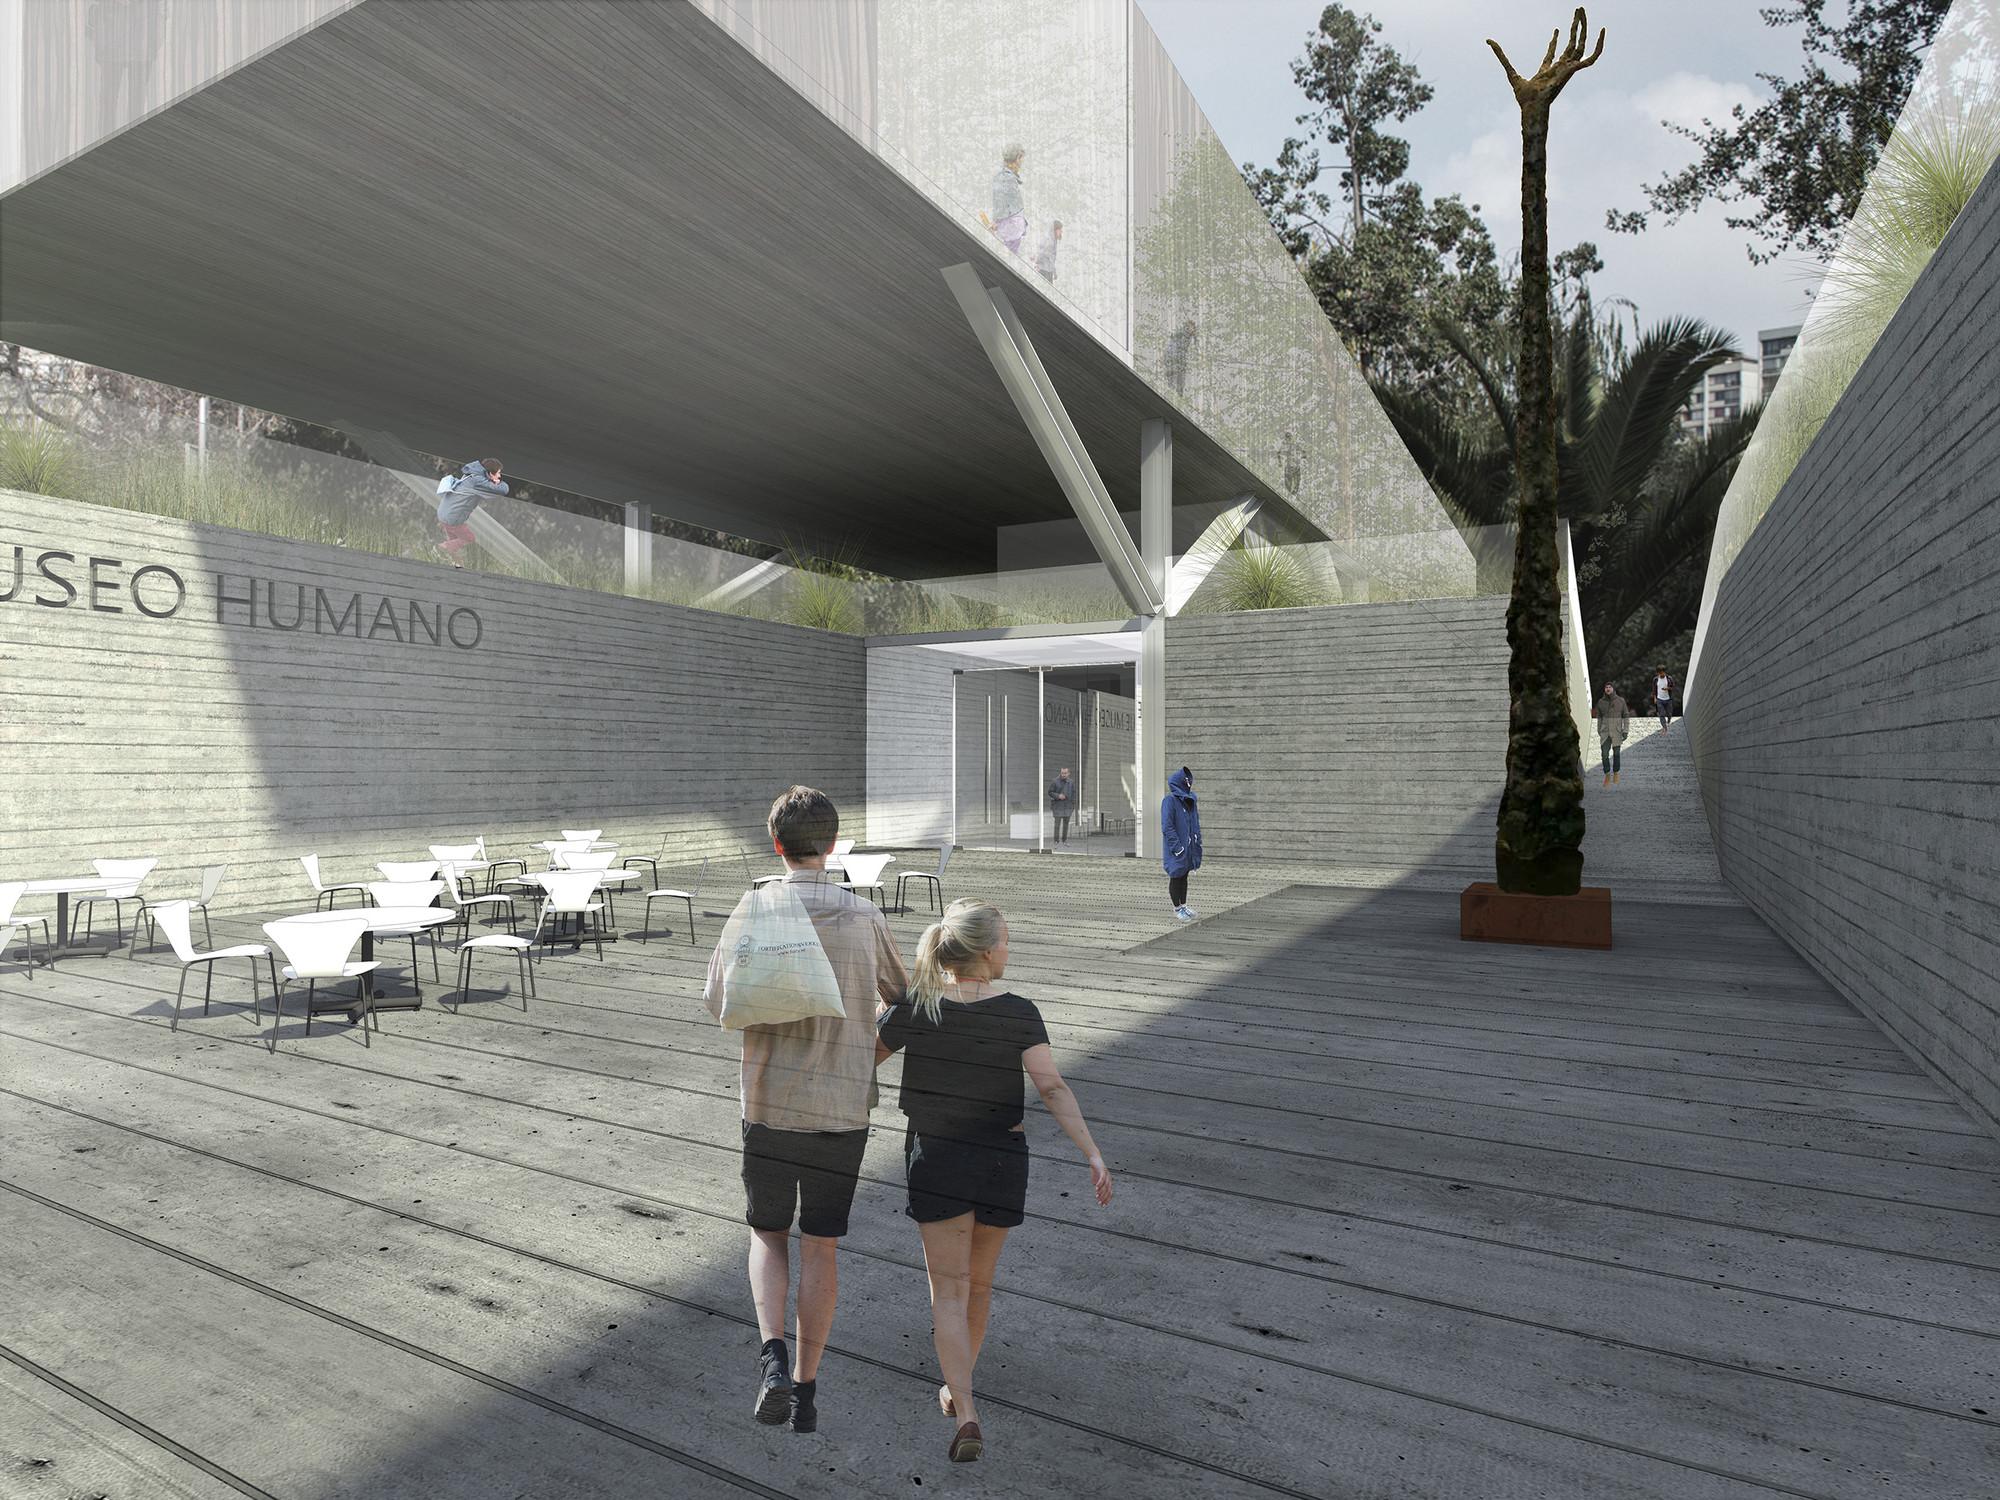 Courtesy of Prado Arquitectos